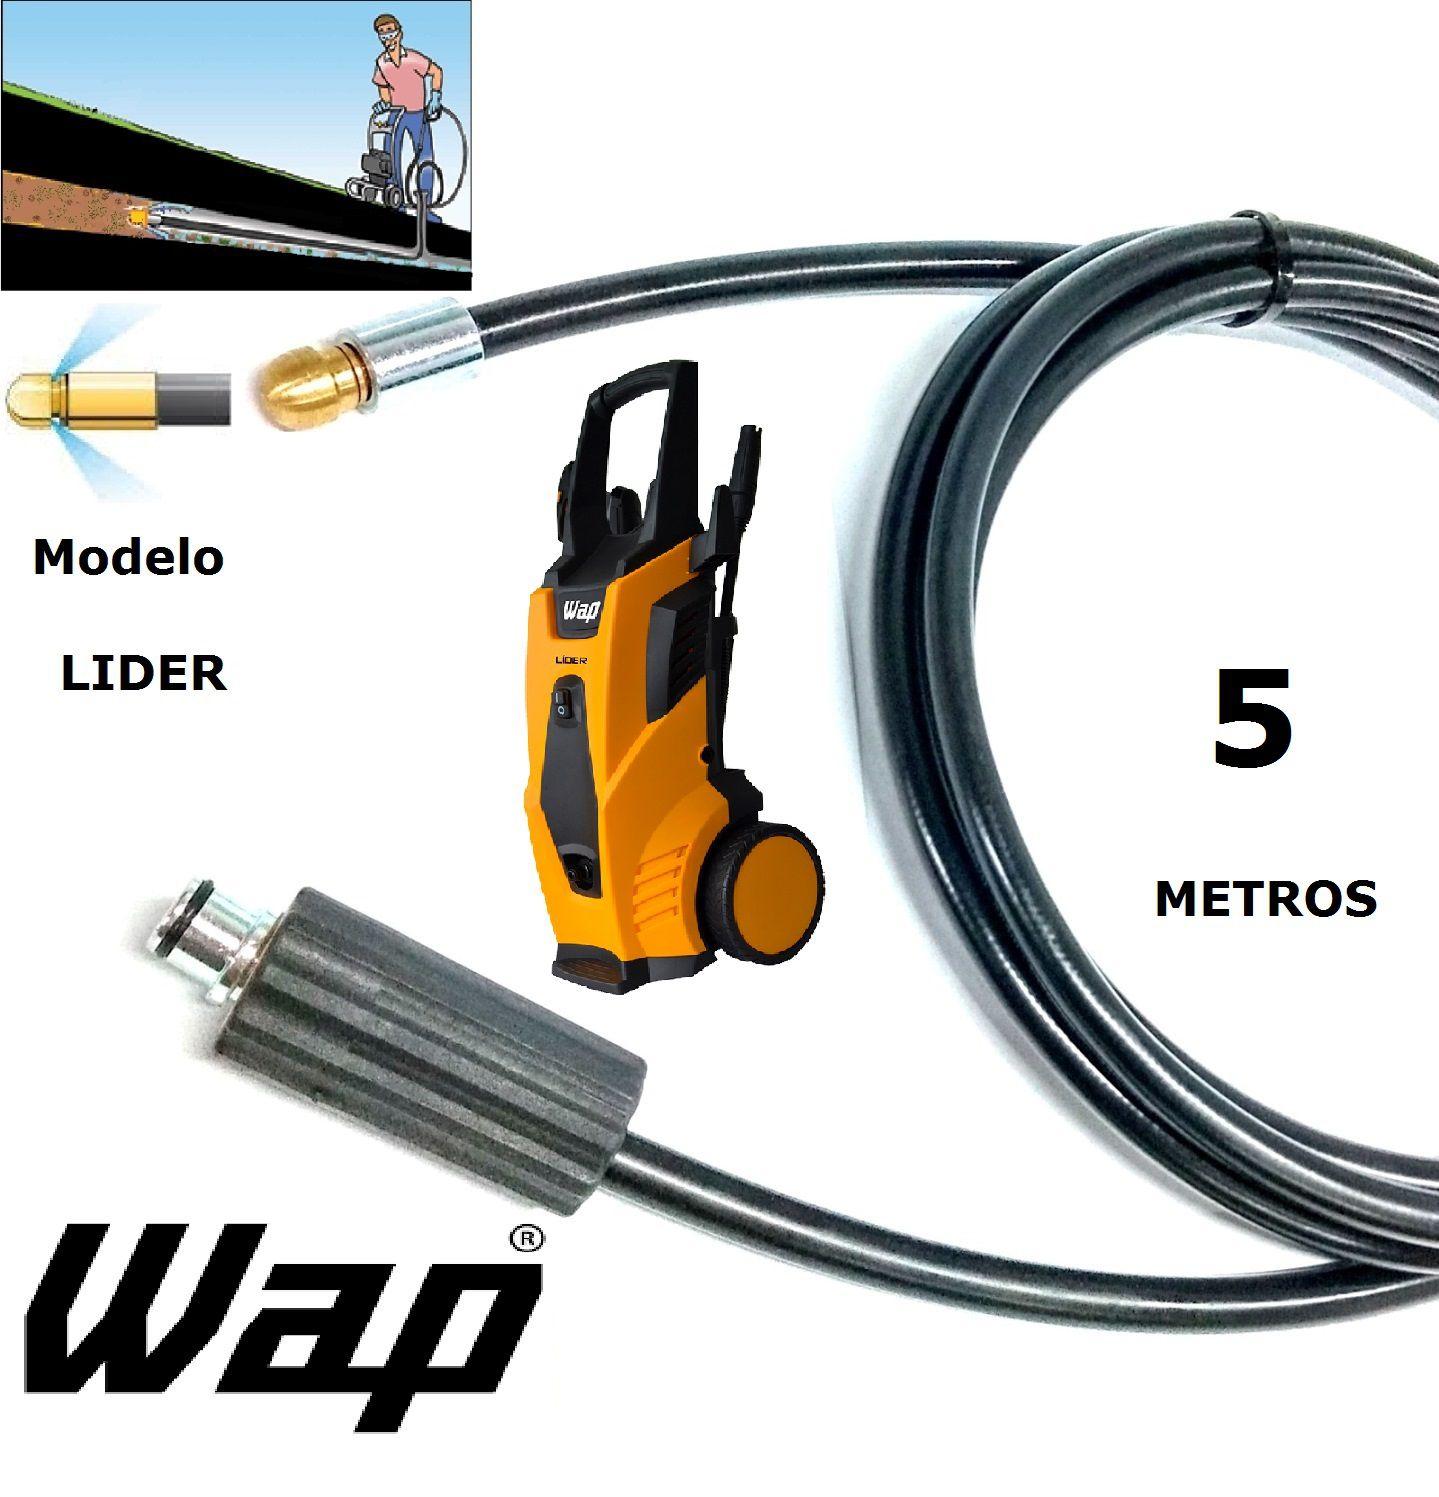 Mangueira desentupidora de tubulação WAP - 5 Metros - Wap LIDER